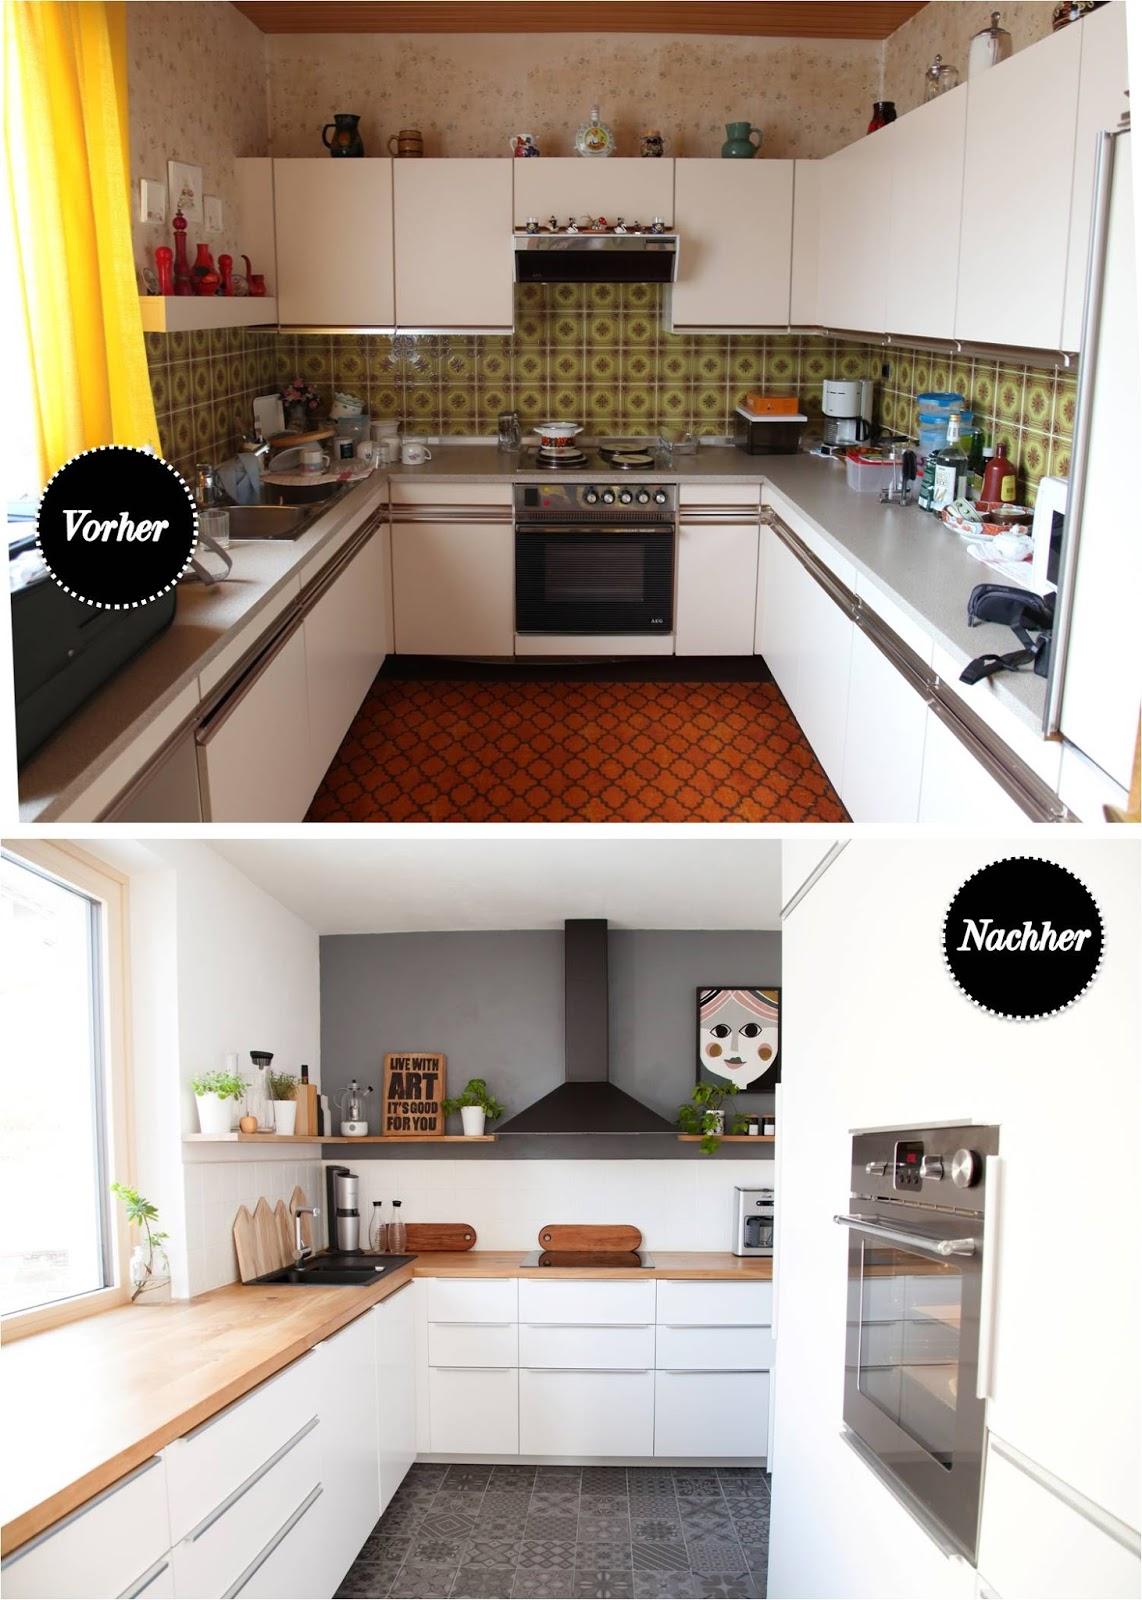 Vorher-Nachher: Die Küche unserer Träume - WOHNPROJEKT - Wohnblog ...